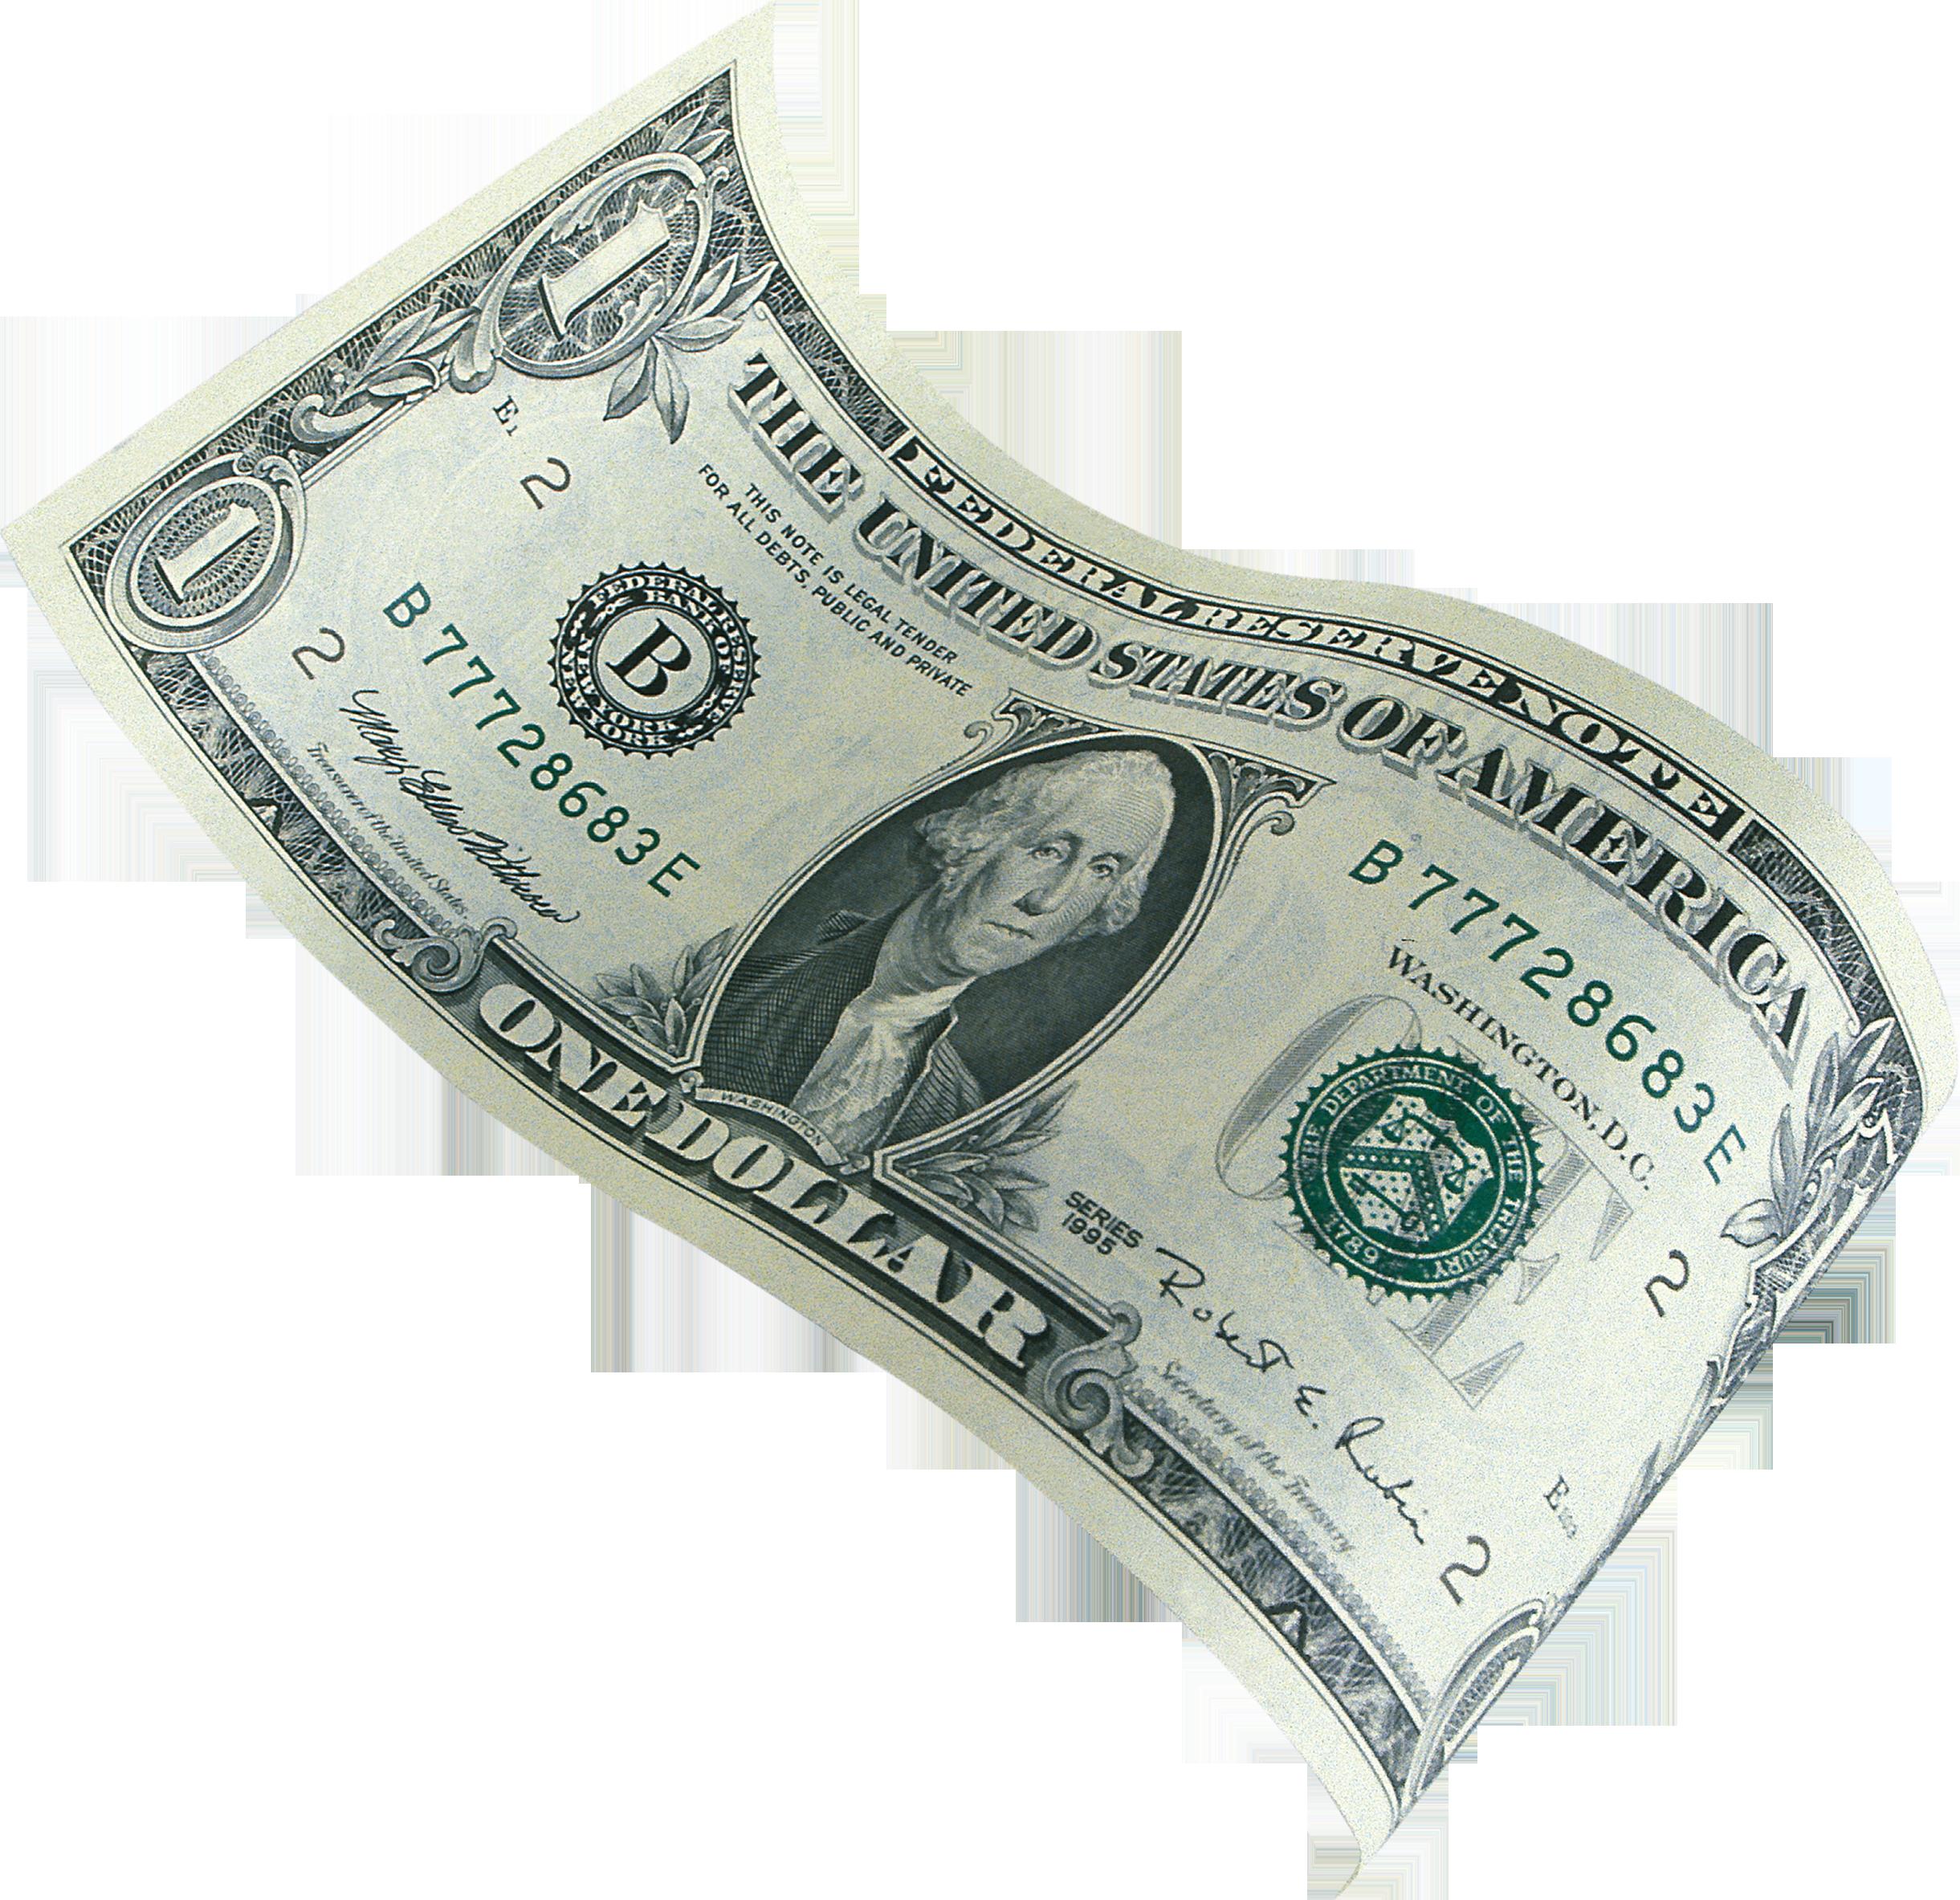 Hình ảnh tờ tiền đẹp